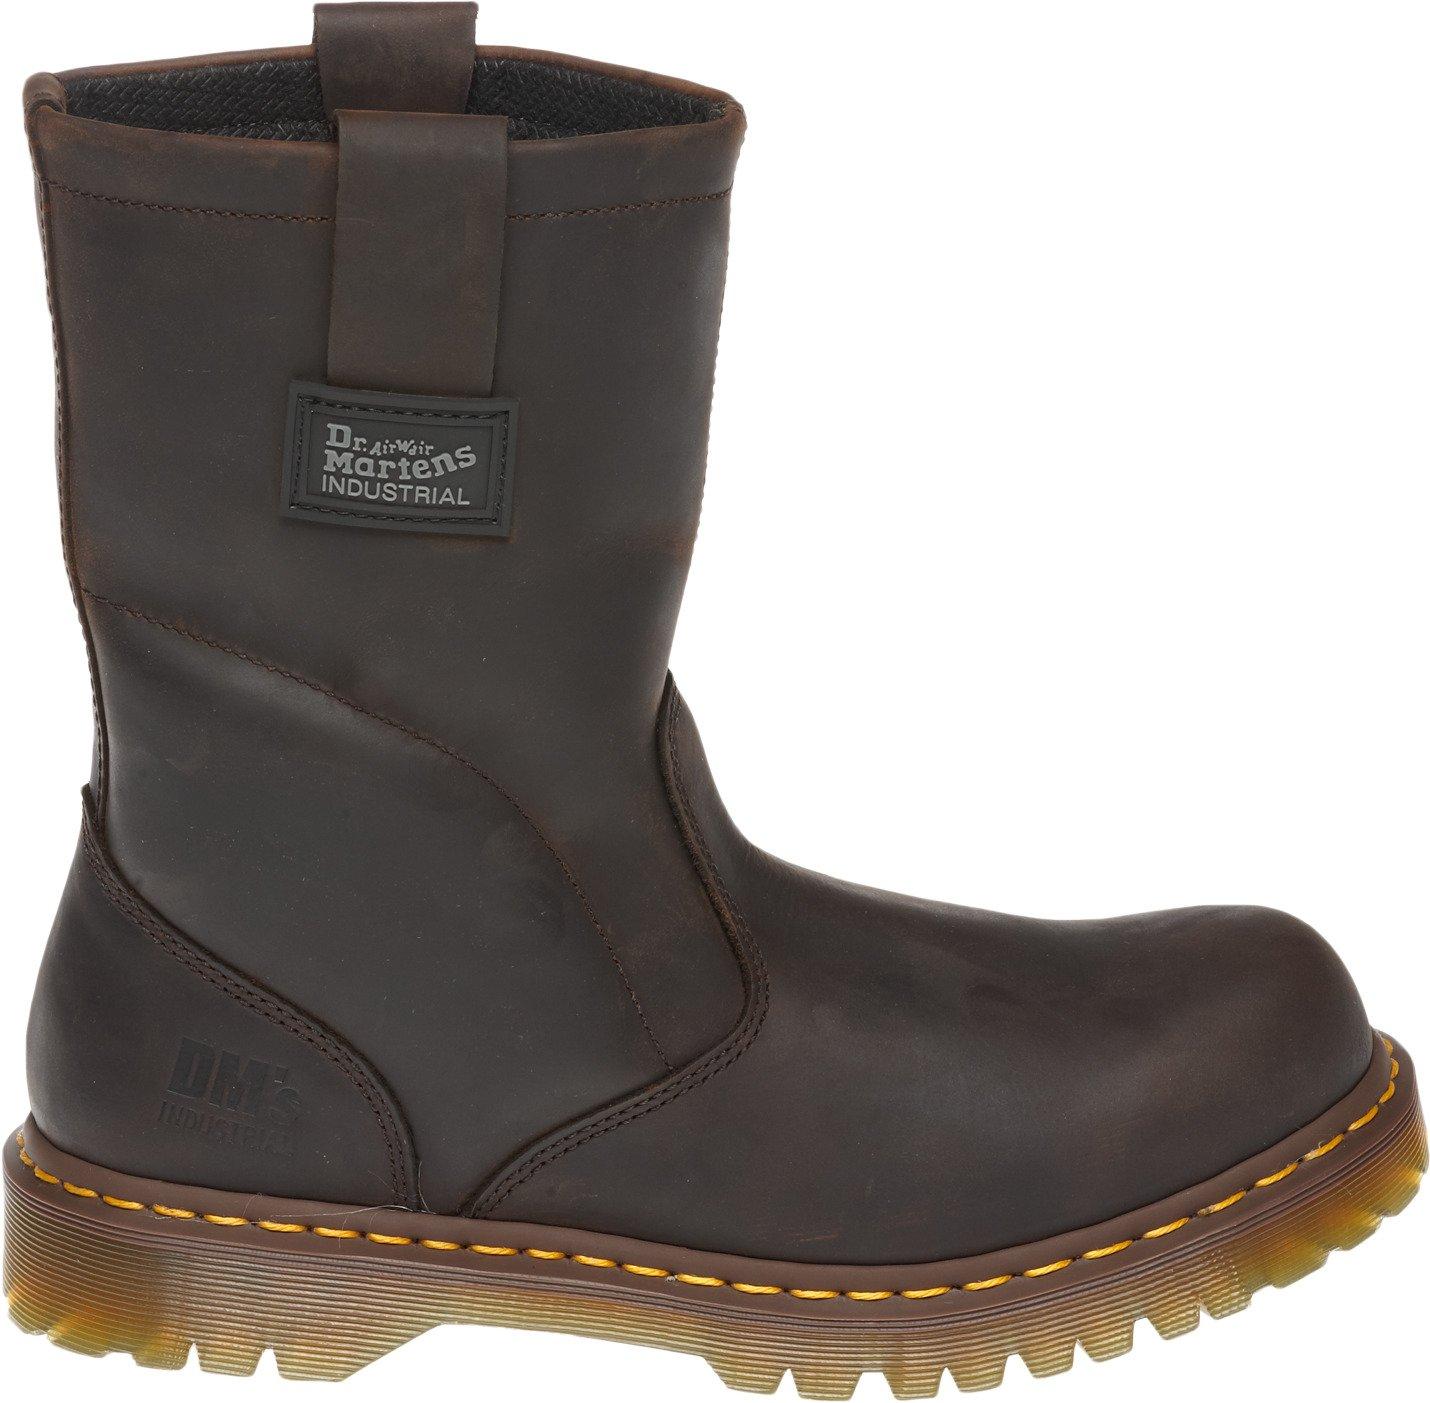 Dr. Martens Men's Industrial Wellington Work Boots